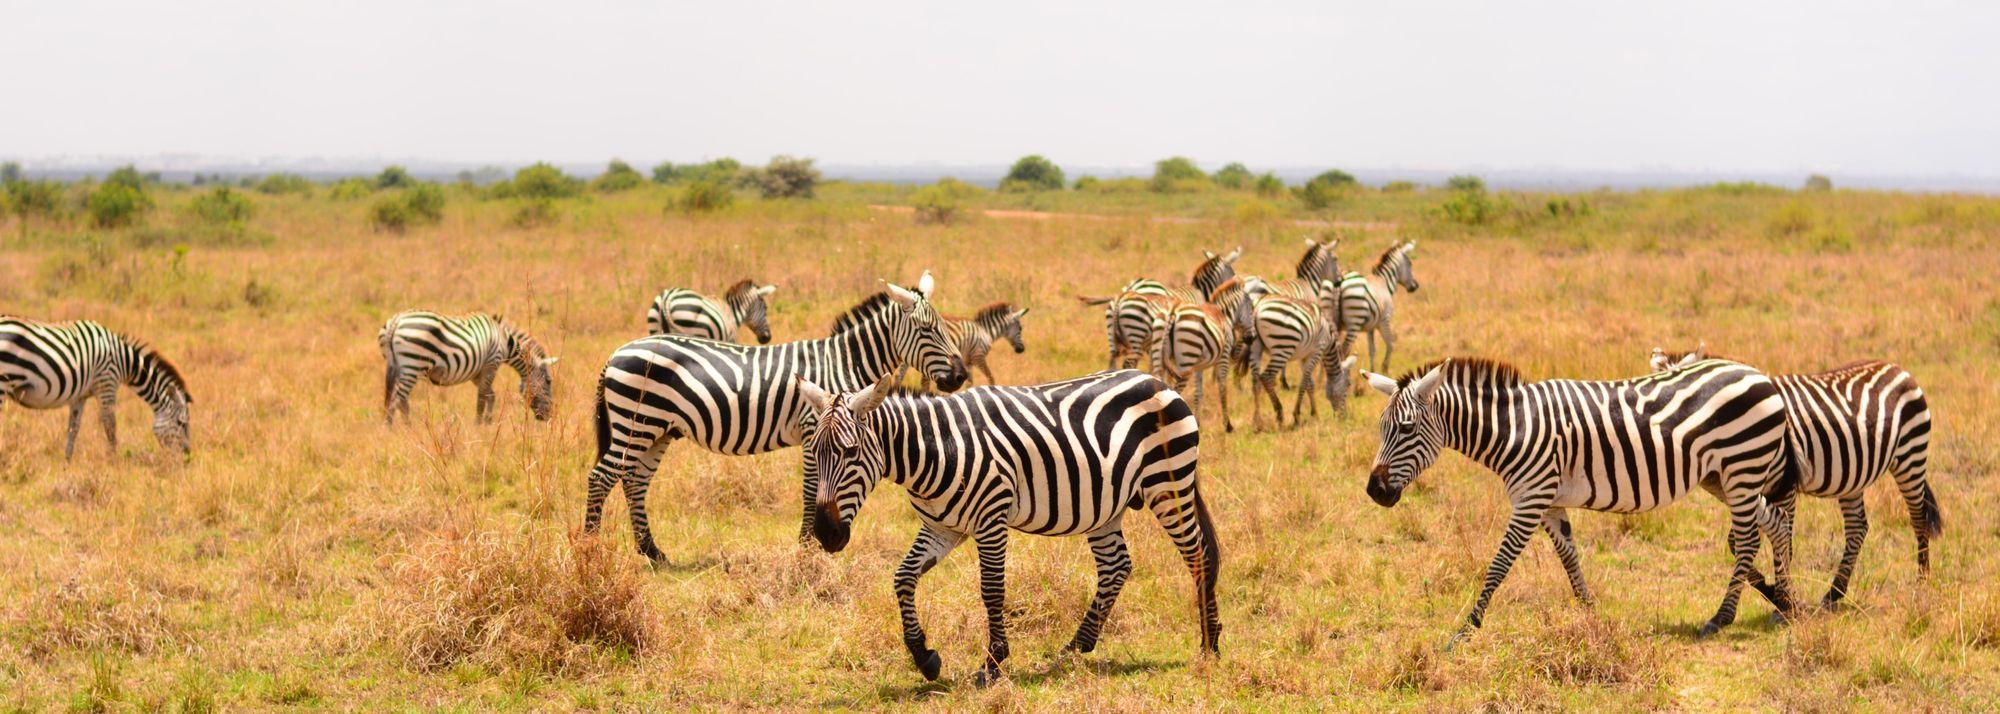 Visit Nairobi, capital of Kenya and location of the WU20 Championships 2021